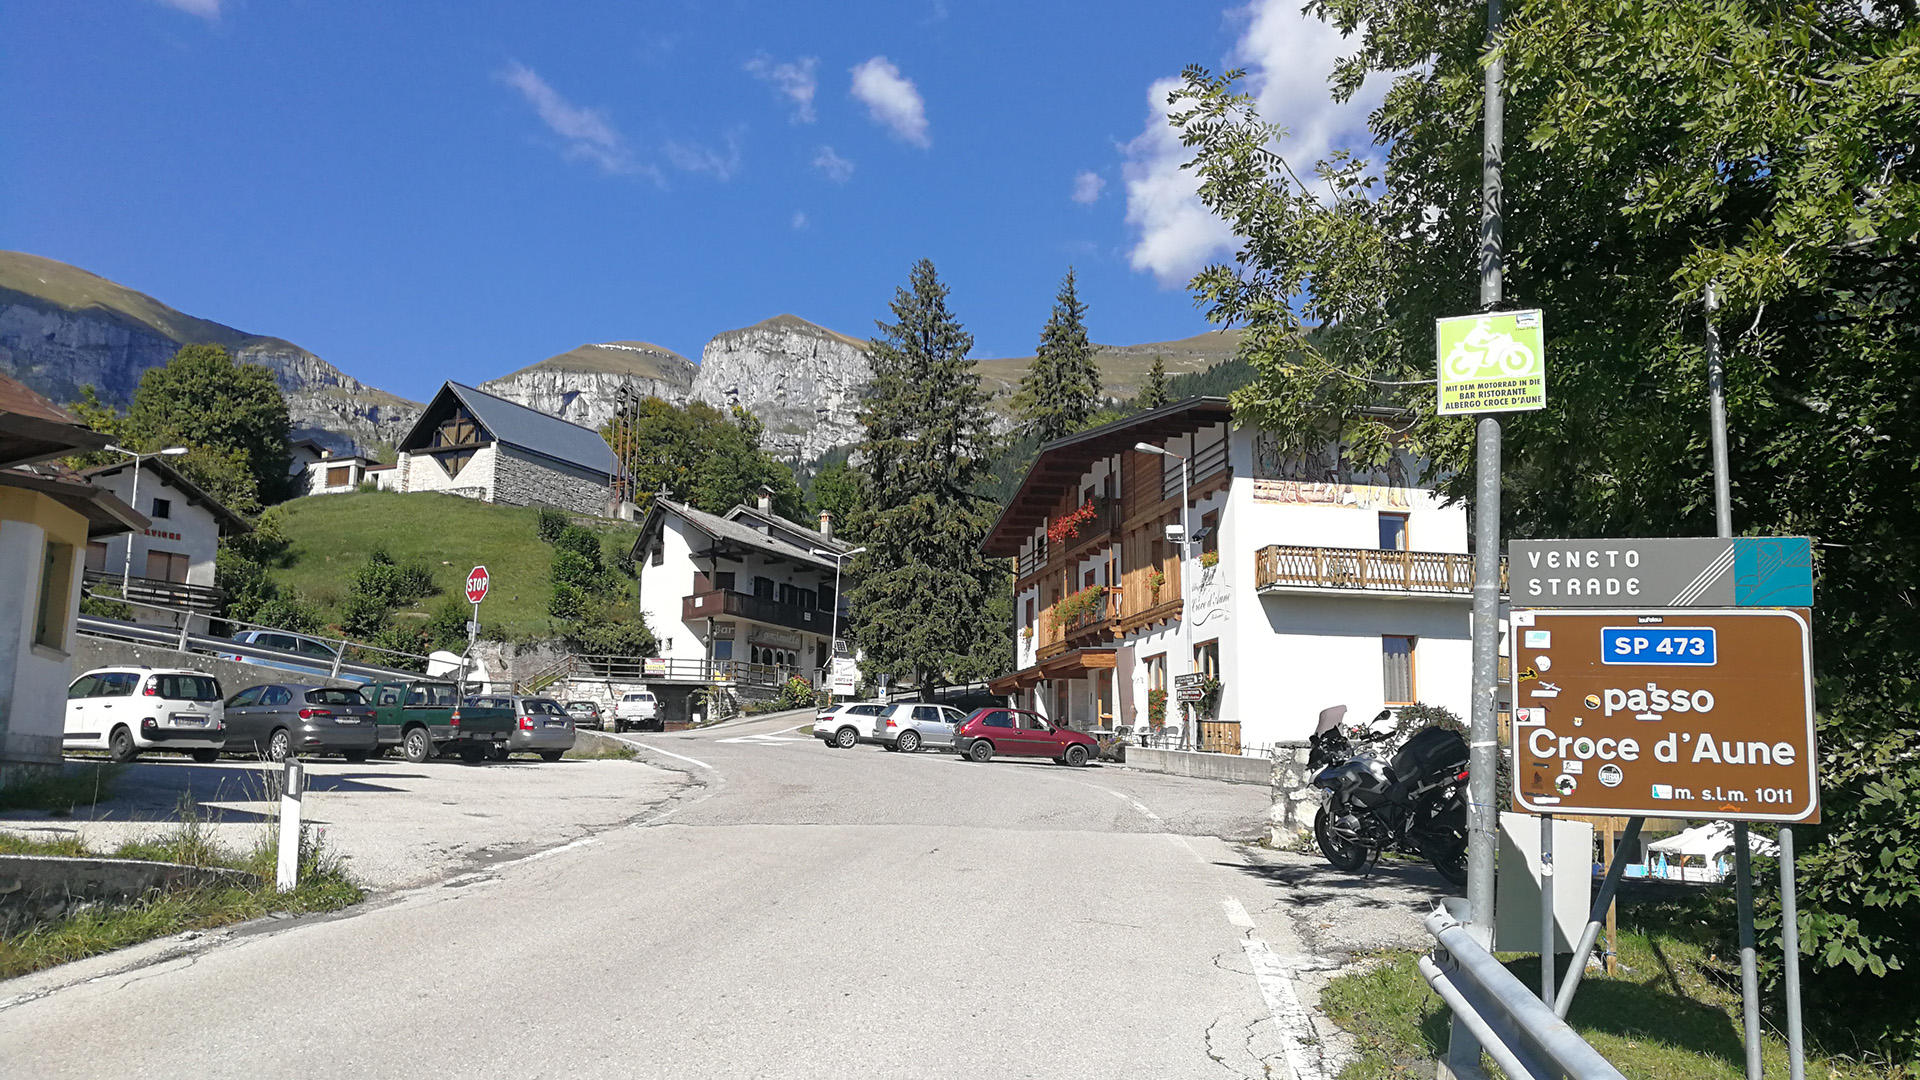 1011 - I - Passo Croce d'Aune